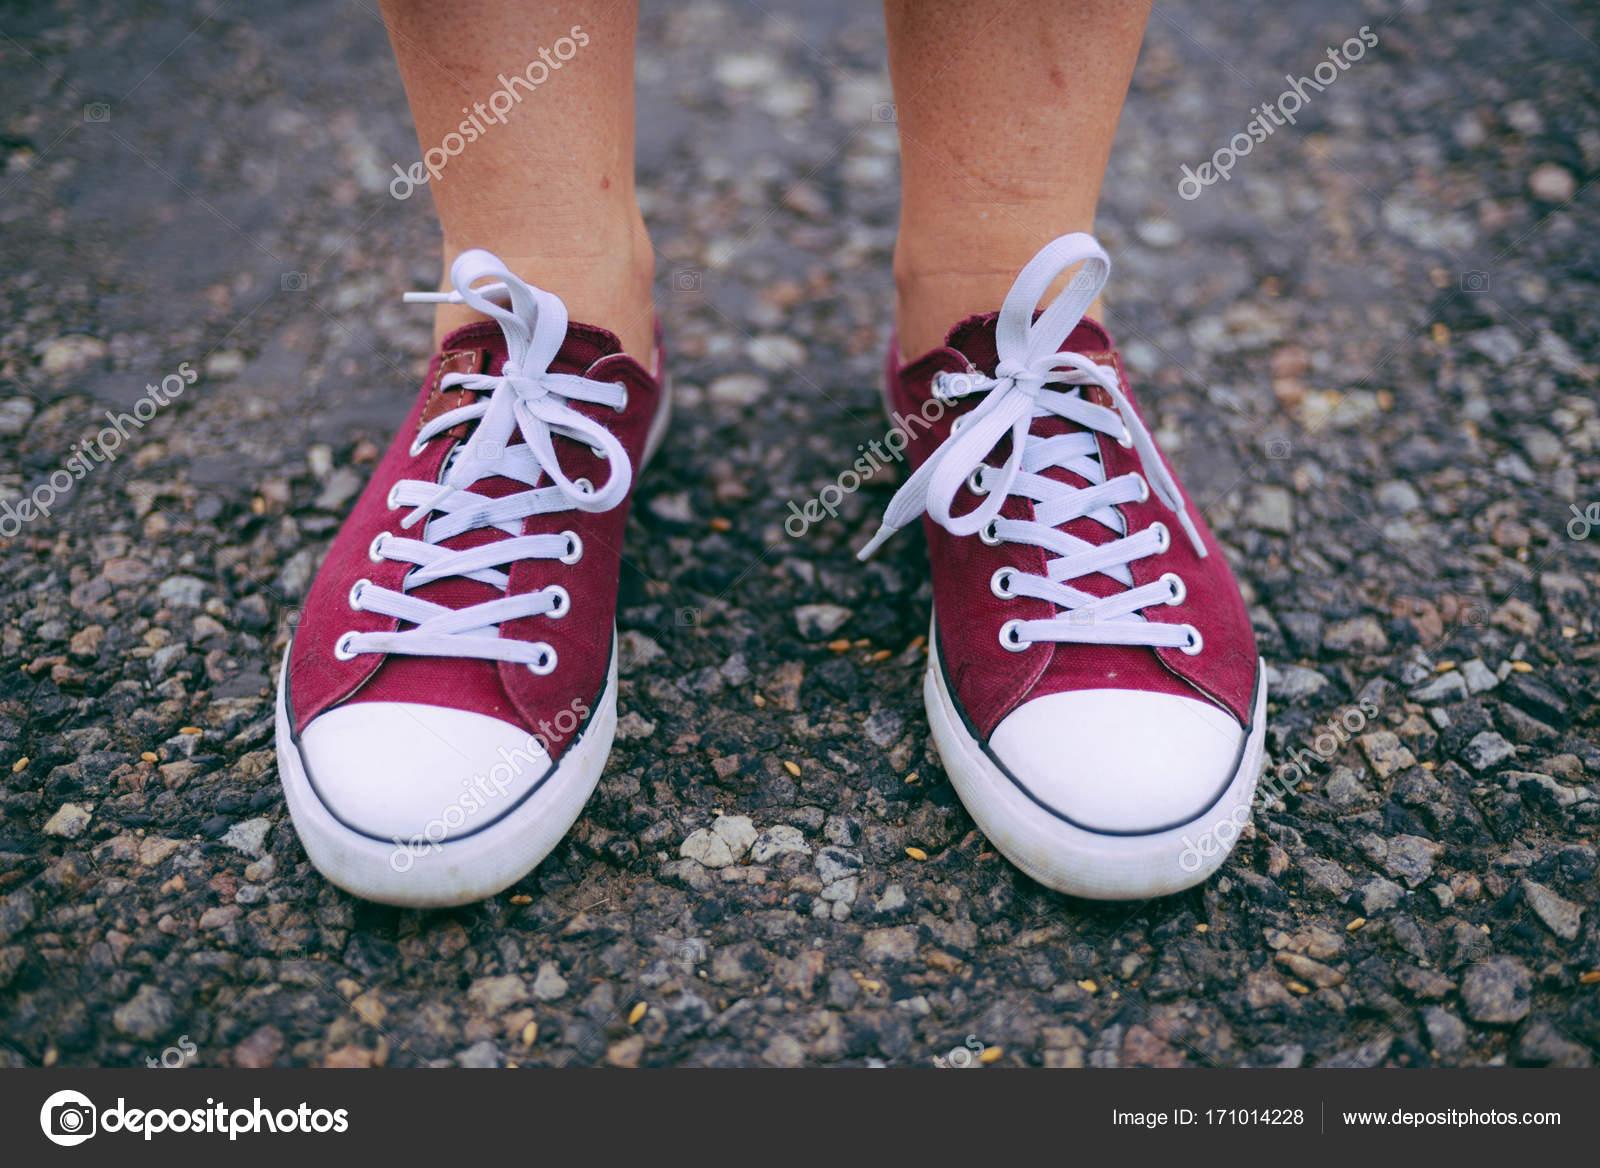 38f0f3b53e Mujer cool de moda hipster con zapatillas rosa. Cerrar imagen brillante  verano de pies de mujer, usar a hipster Ensenada casual, posando en la  ciudad.